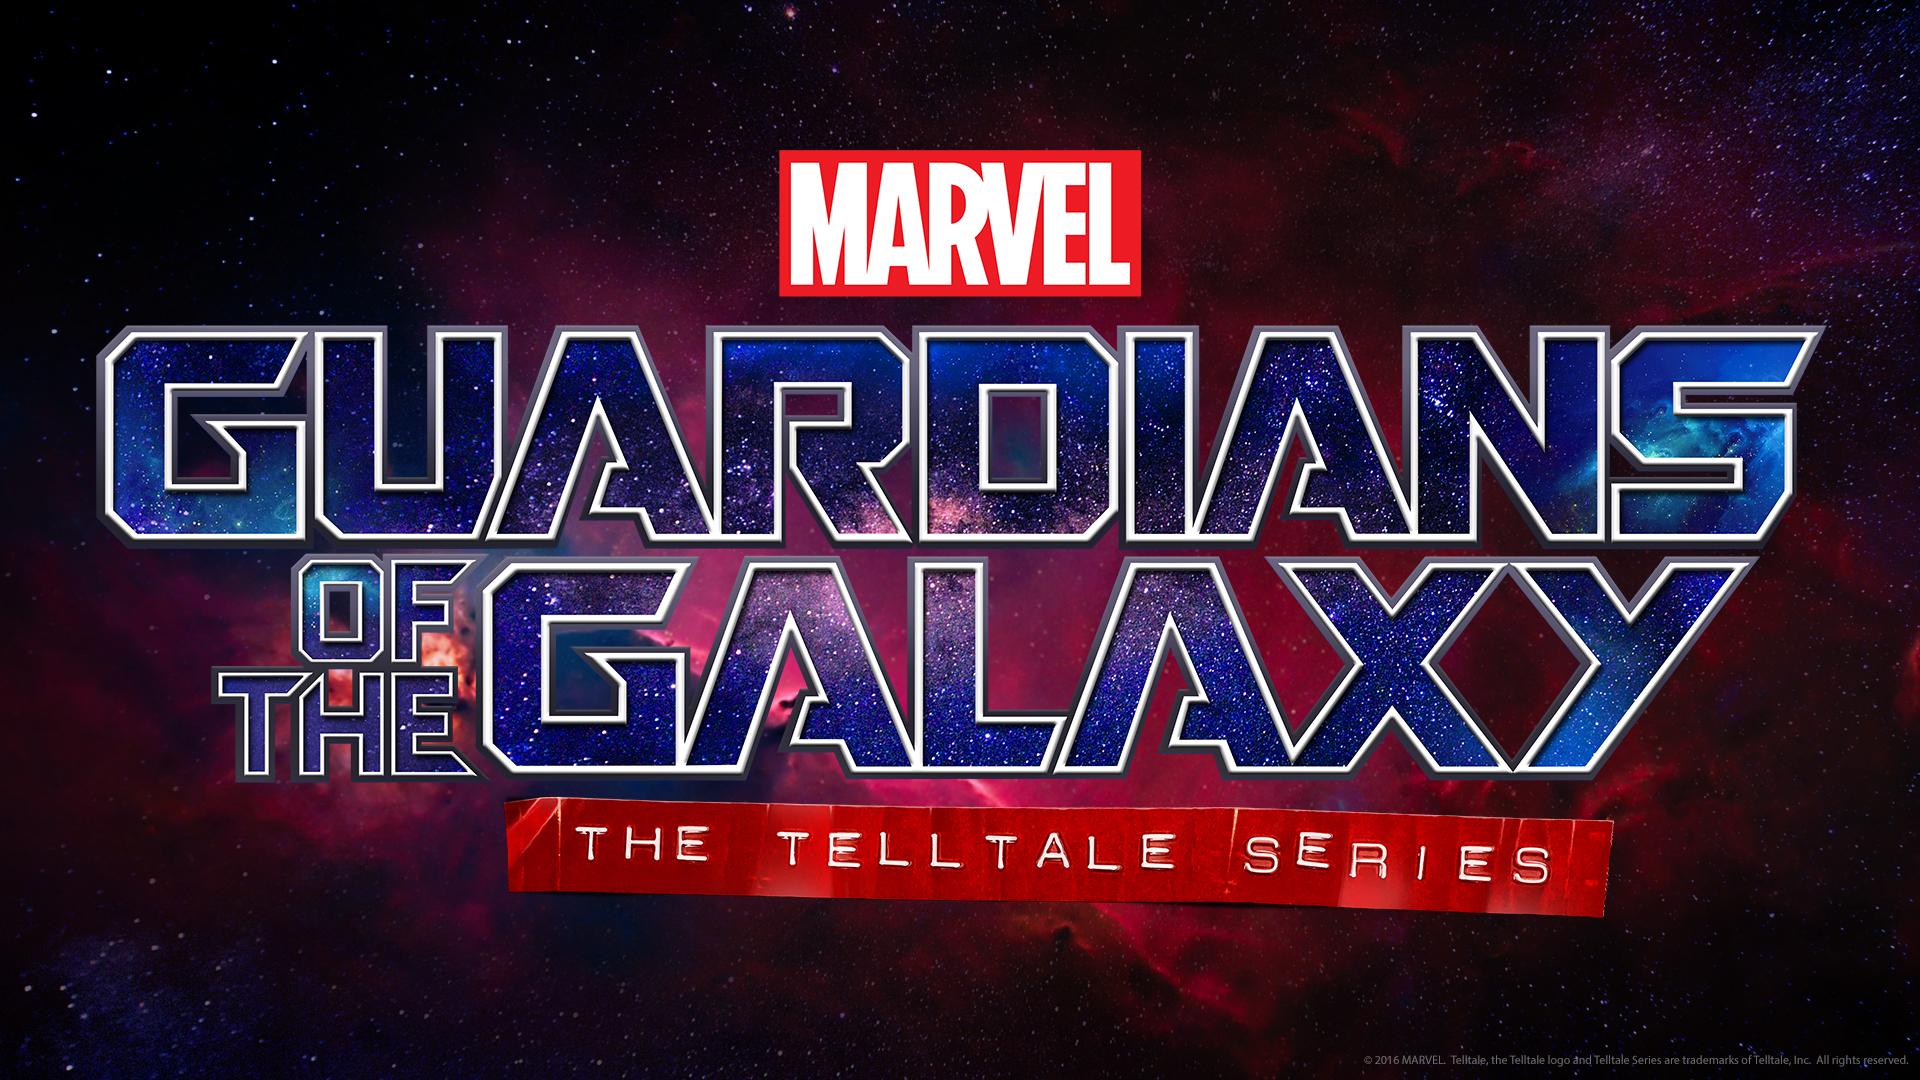 Marvel's Guardians Galaxy: Telltale Series Premières images